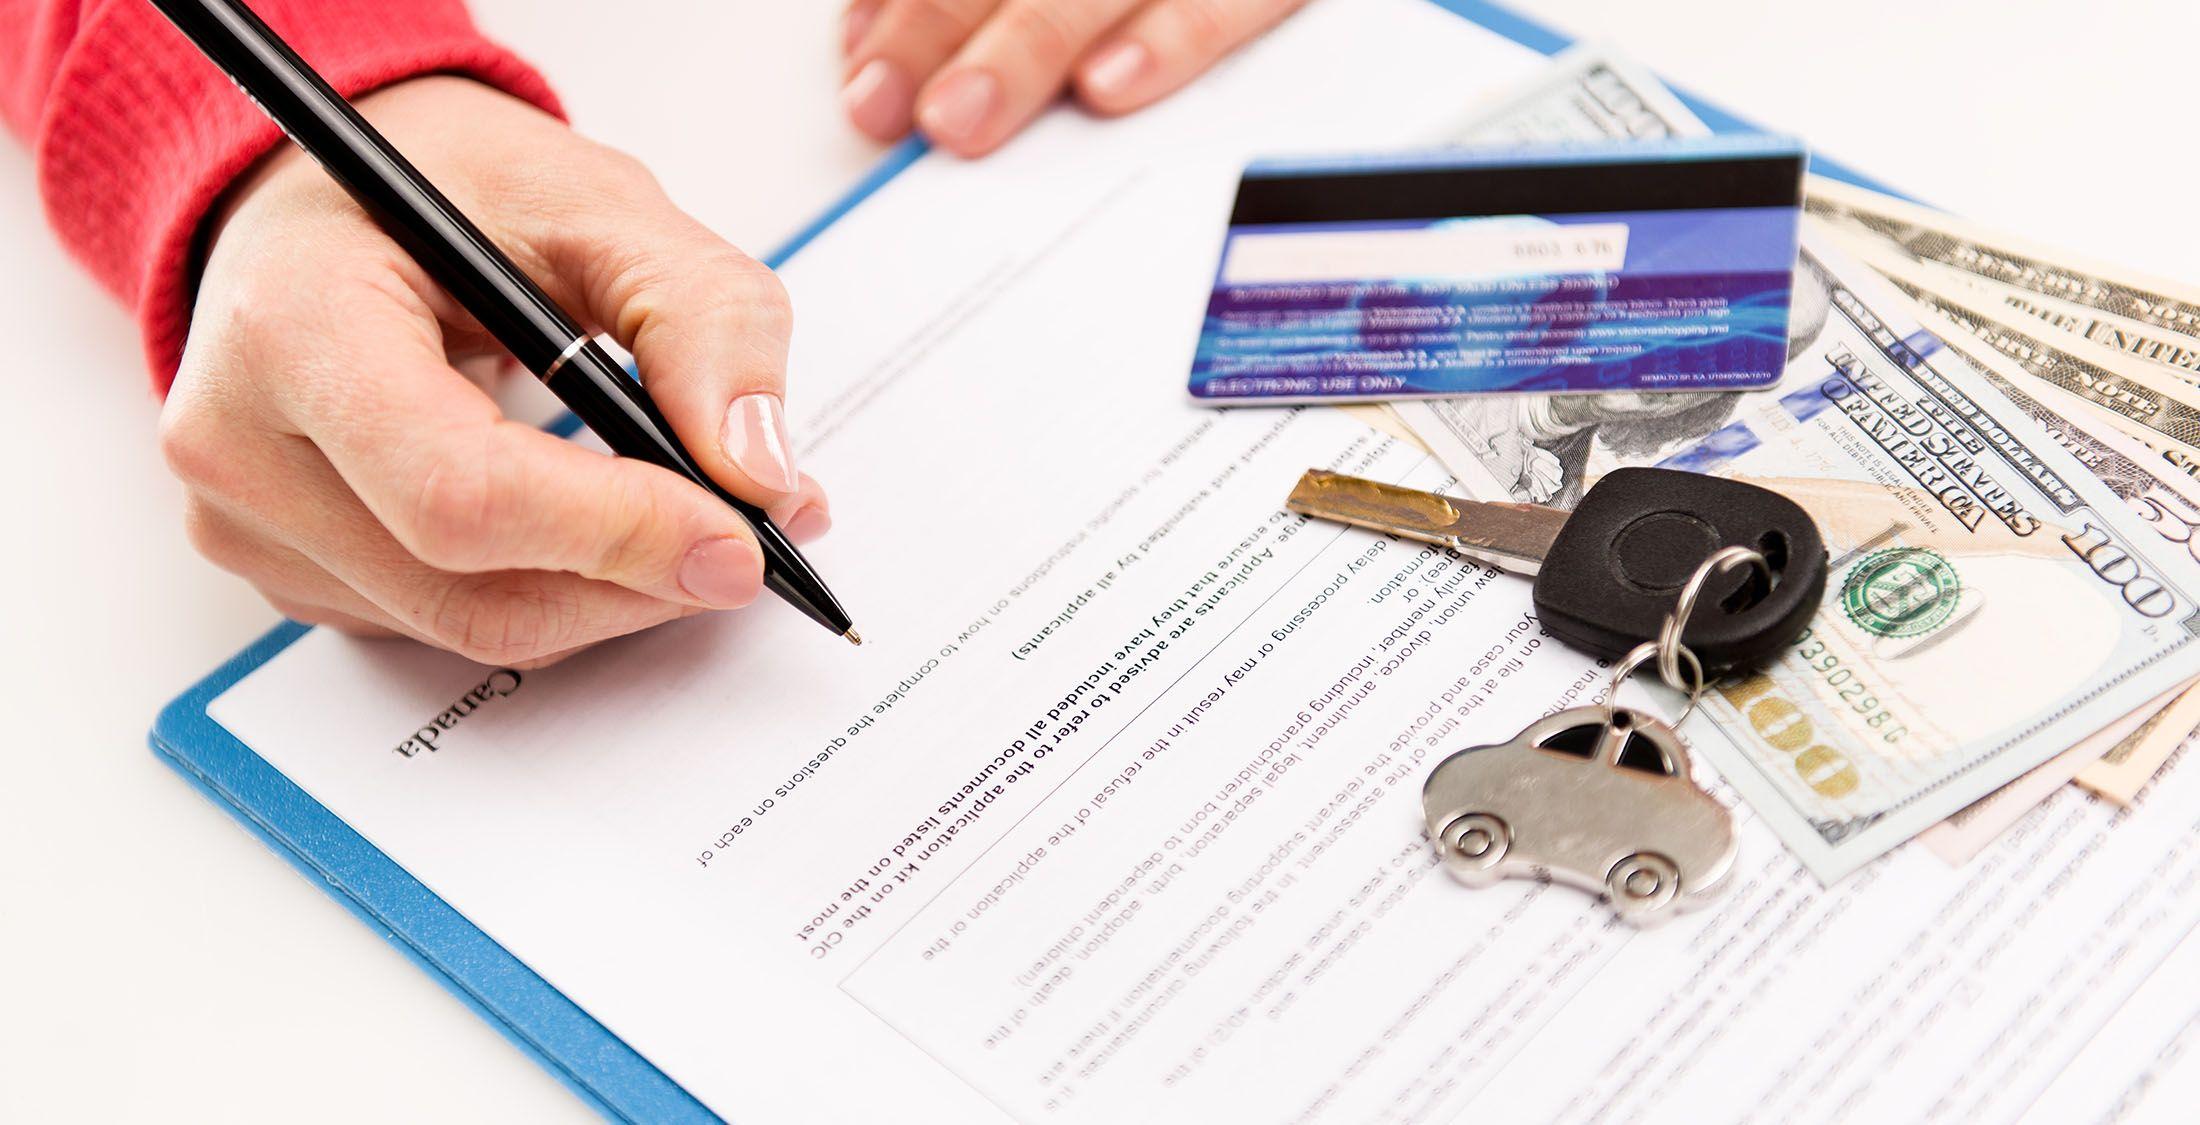 hand signing form credit card cash car keys